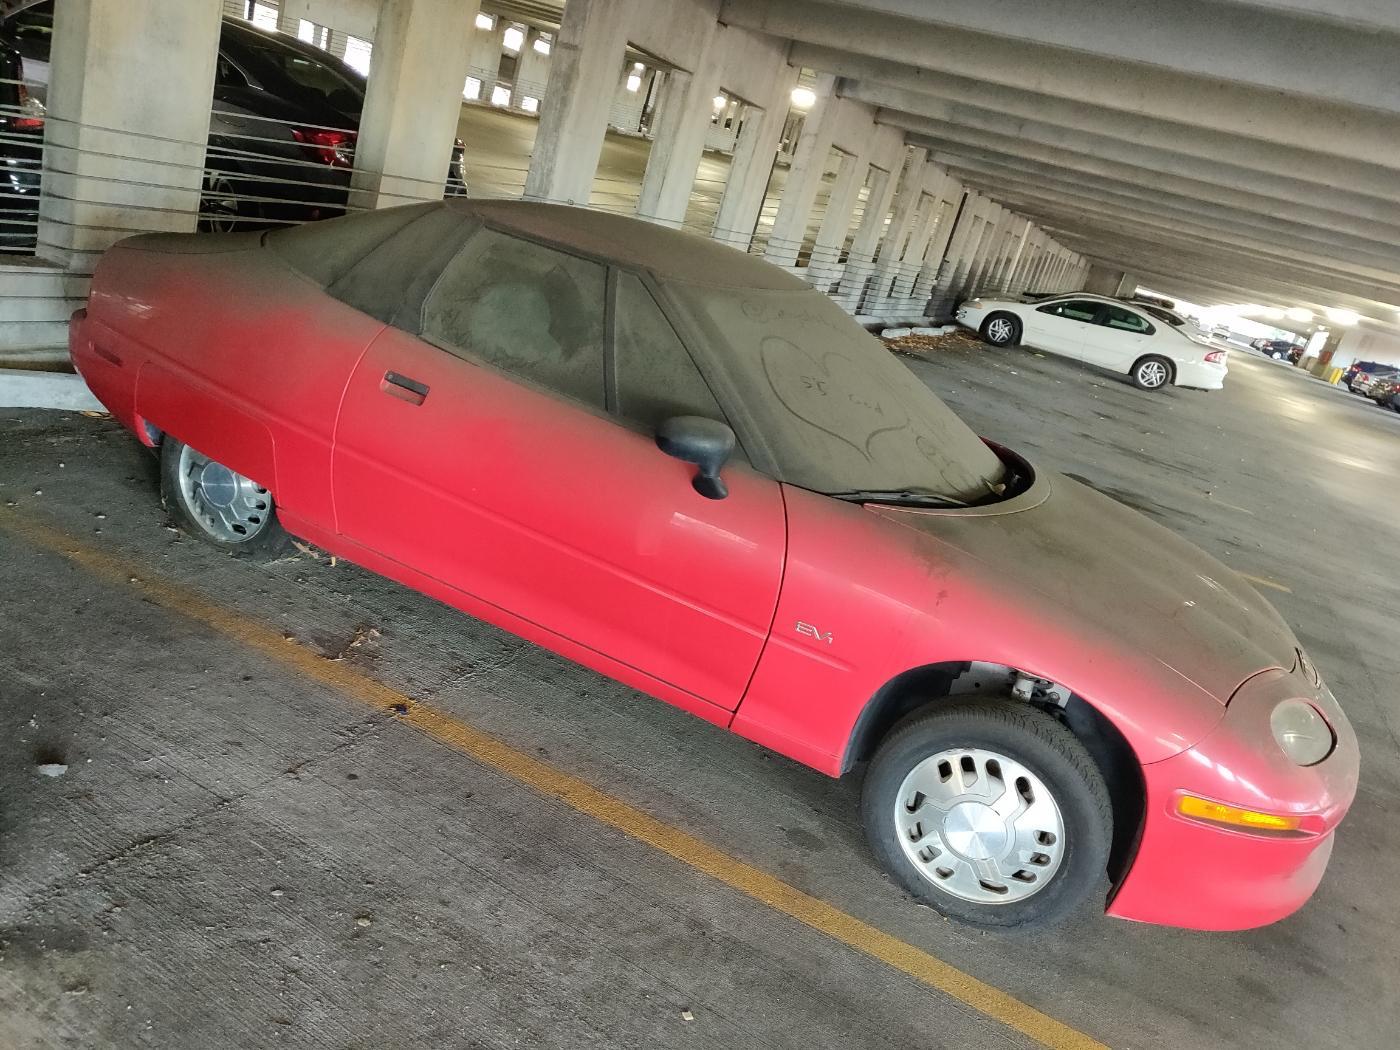 Редчайший 20-летний электрокар обнаружен заброшенным на паркинге